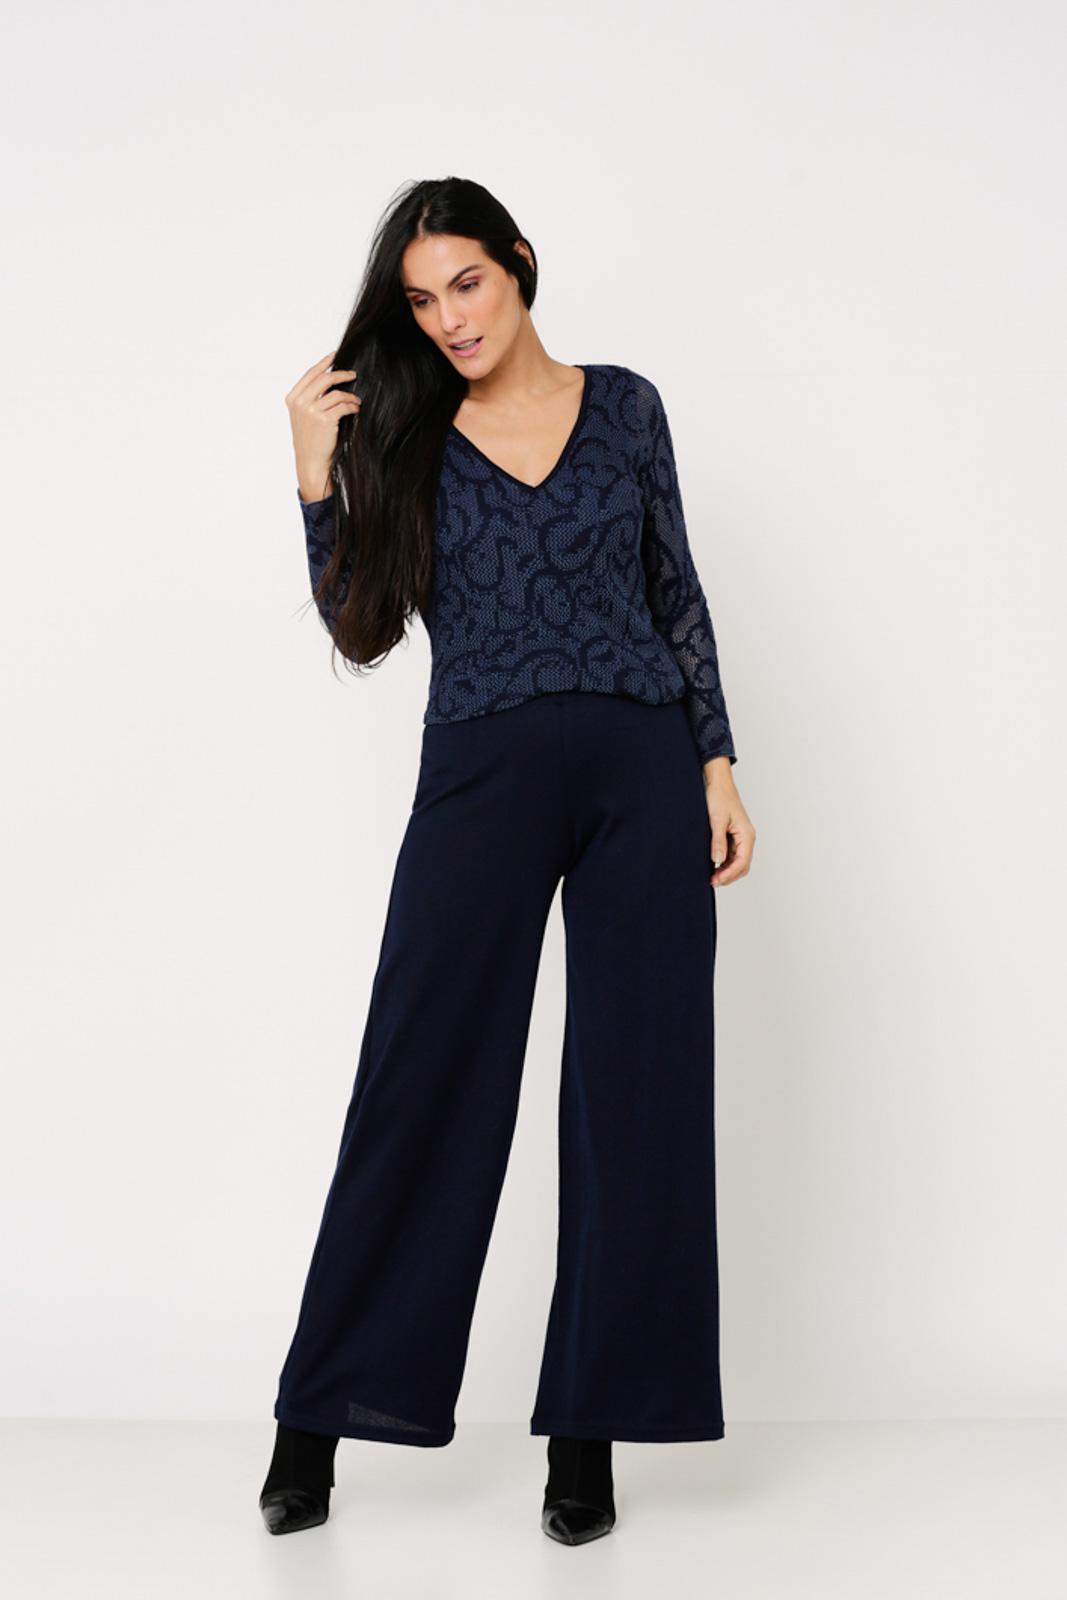 Conjunto de Tricot Ralm twinset casaco com botões e blusa manga longa devorê arabesco - Marinho